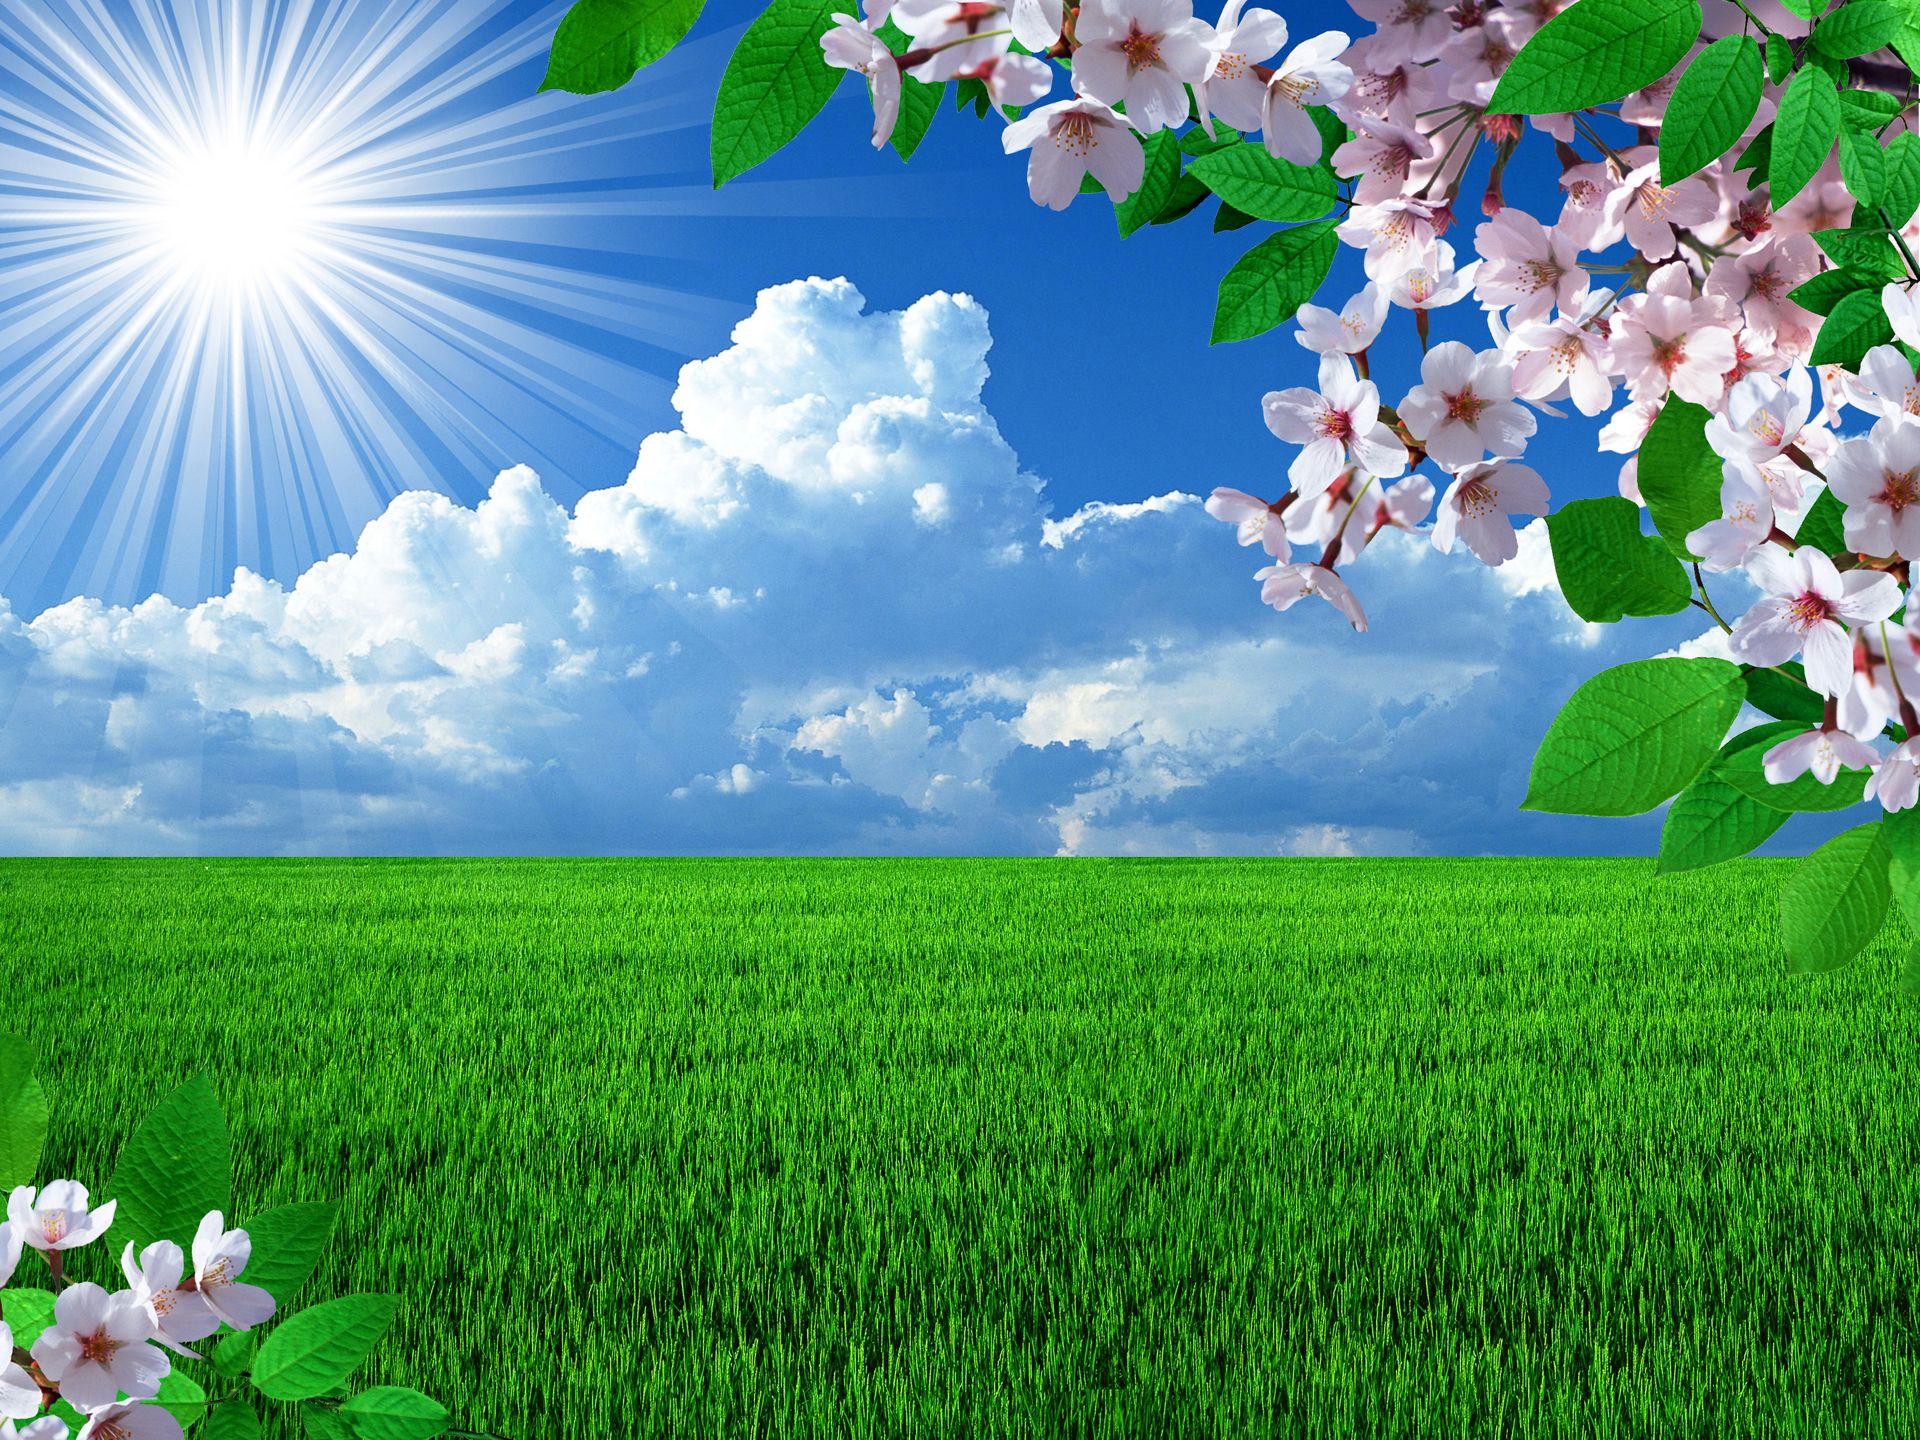 59 Spring Desktop Wallpapers Free On Wallpapersafari